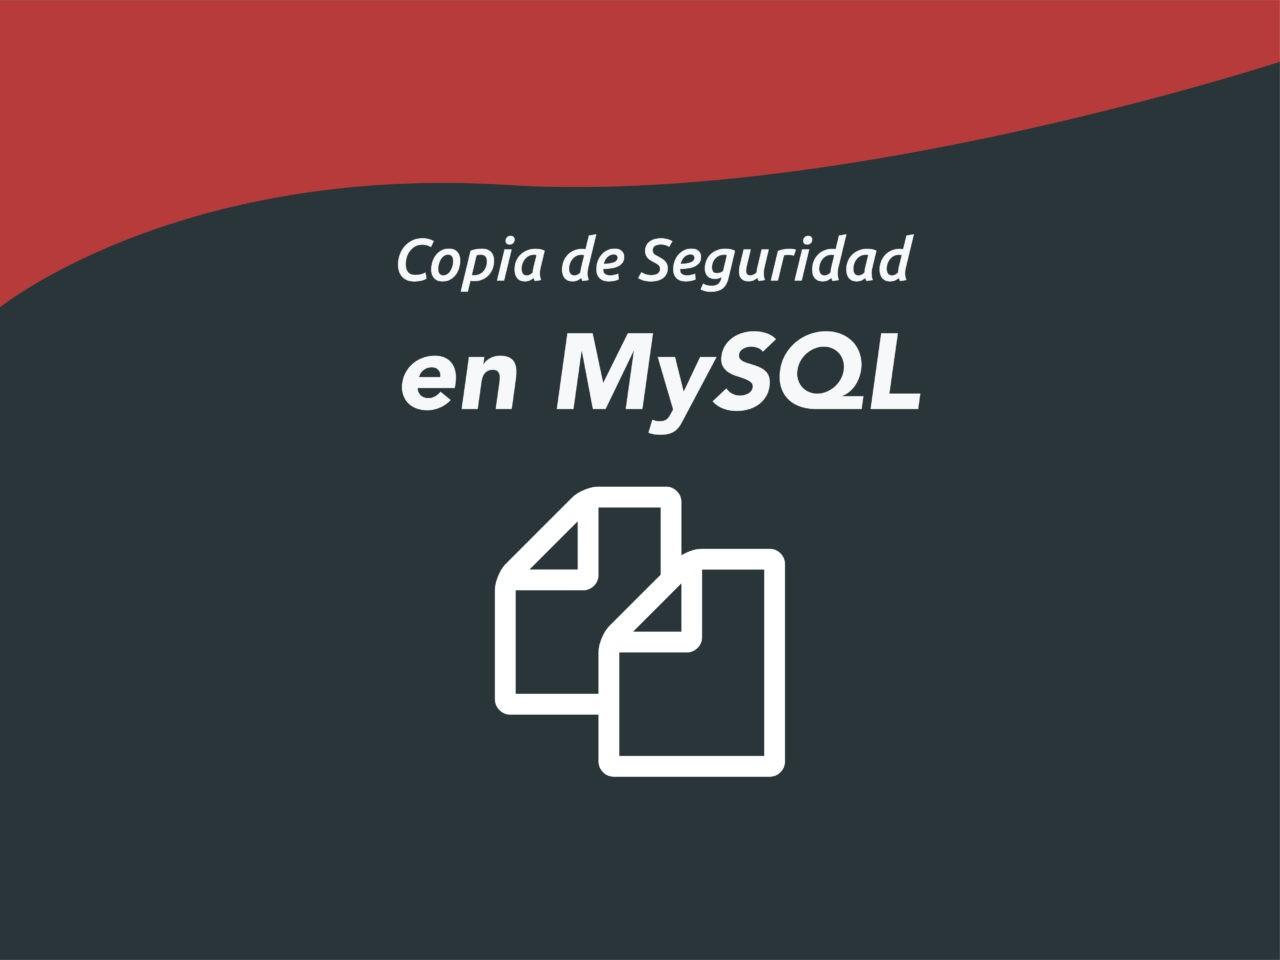 Copia de Seguridad en MySQL